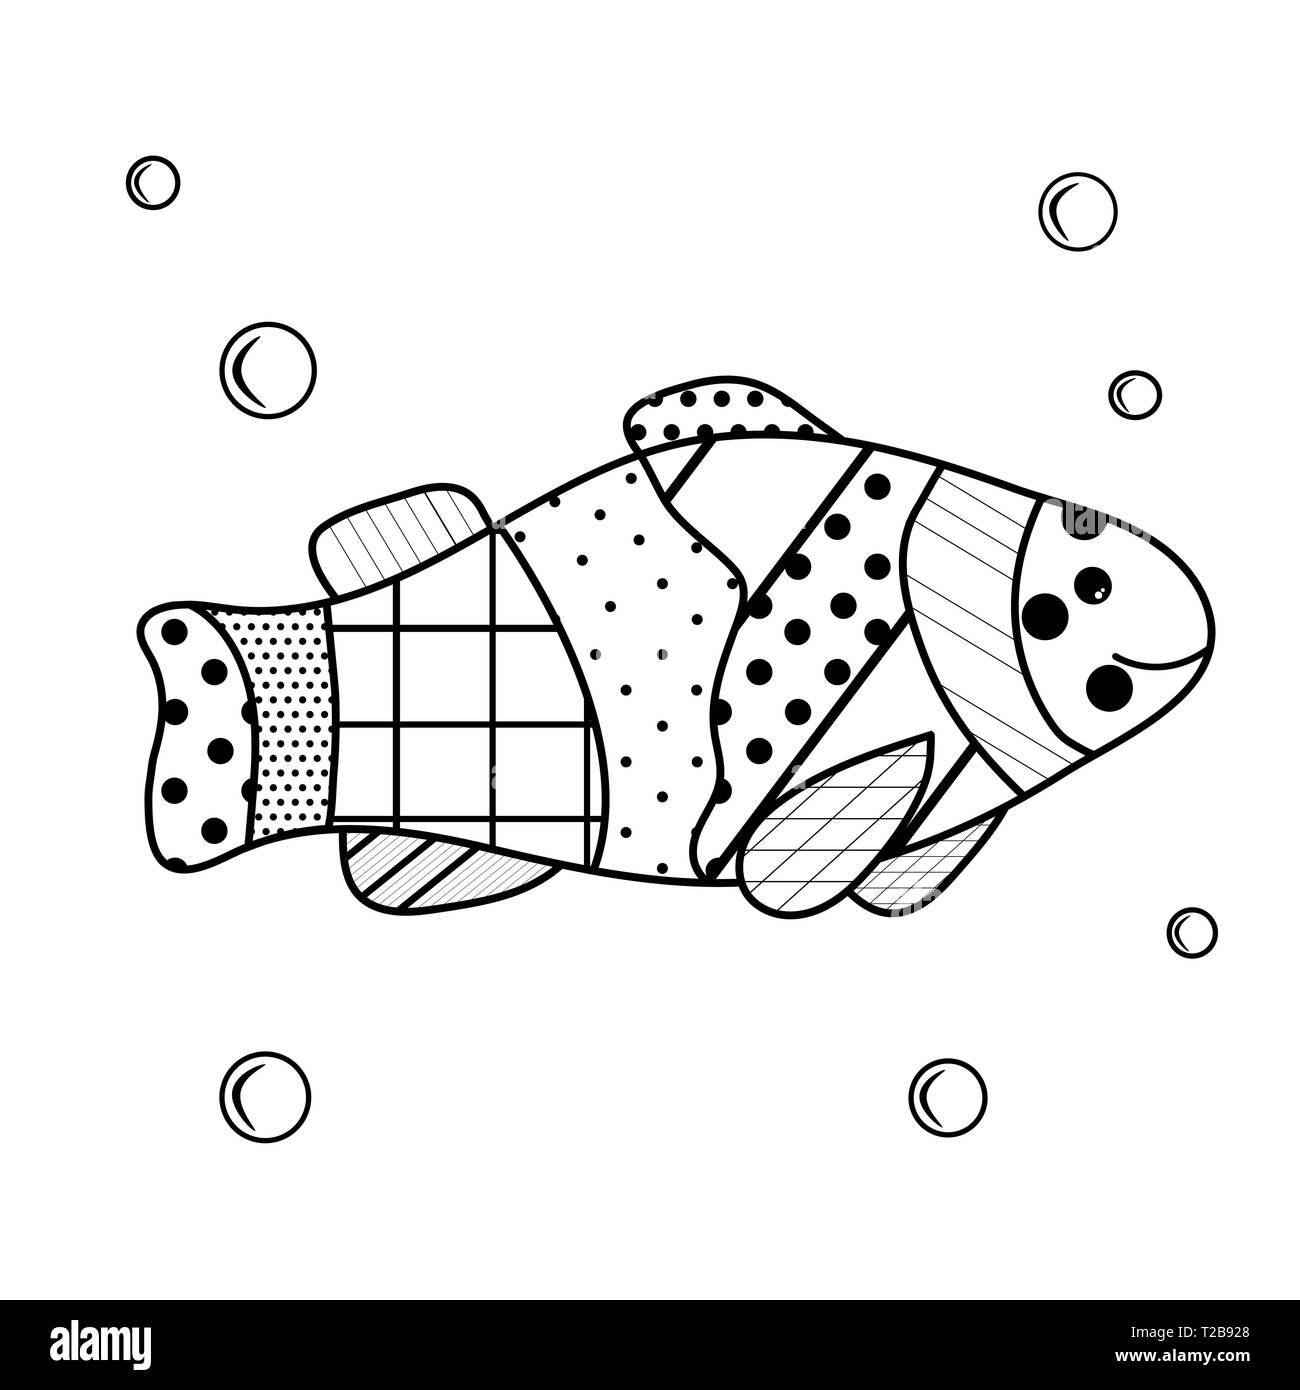 Los Habitantes Del Mar Libro Para Colorear Para Los Niños Y Adultos